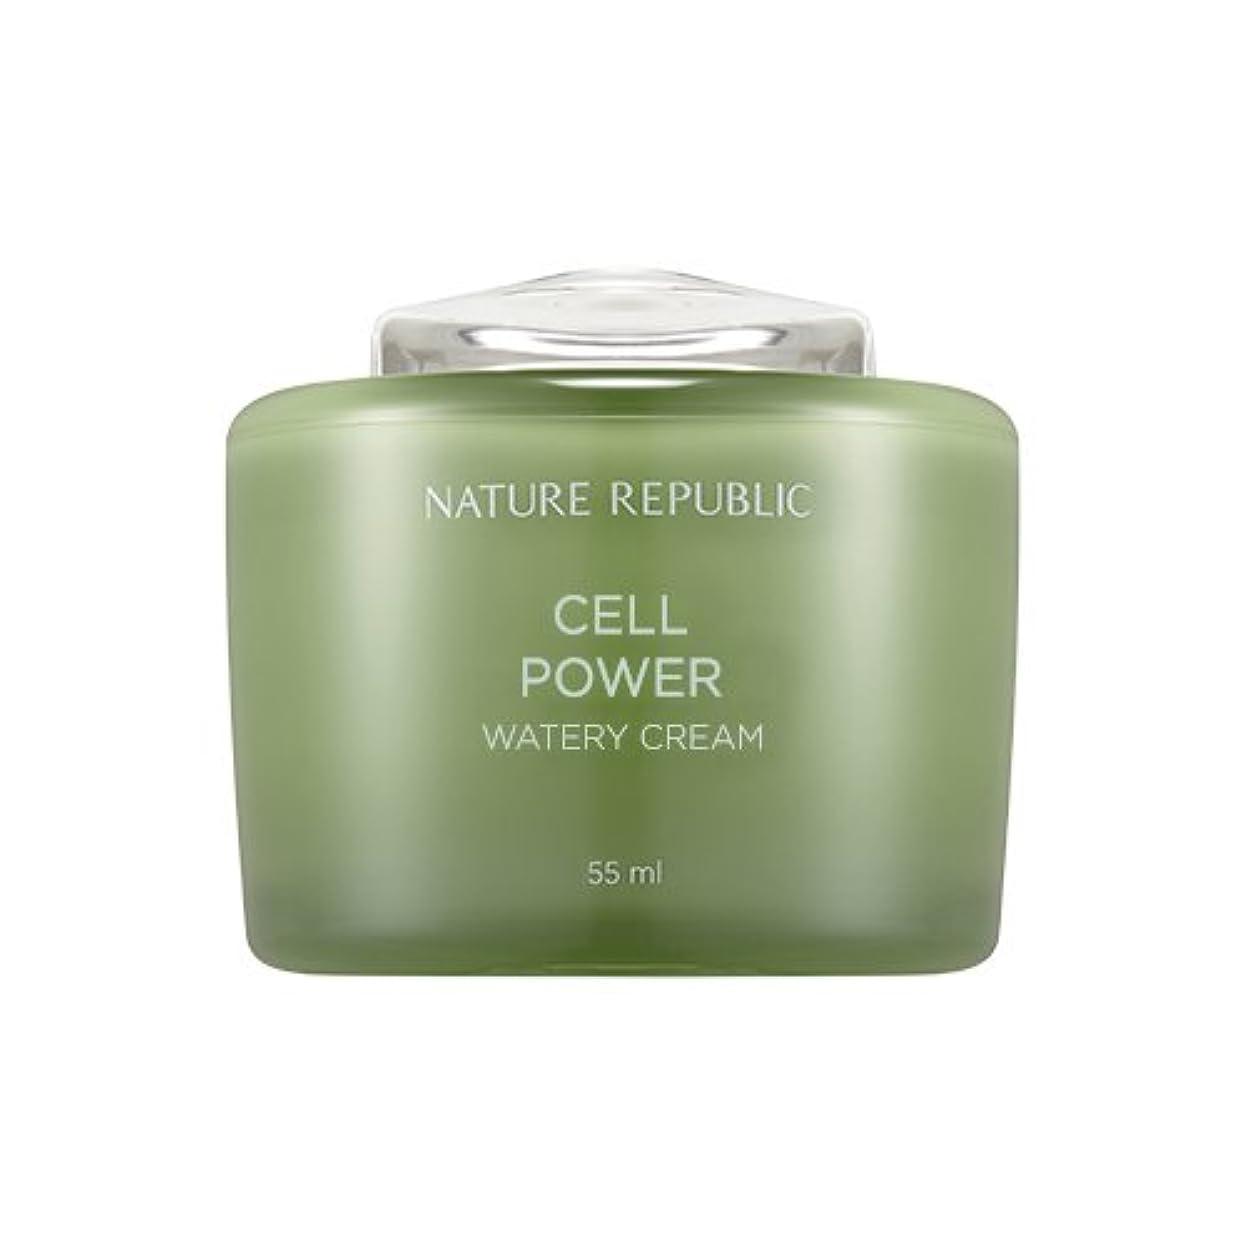 破滅スマート寝てるNature Republic Cell Boosting Watery Cream 55ml / ネイチャーリパブリックセルブースティングウォーターリークリーム 55ml [並行輸入品]